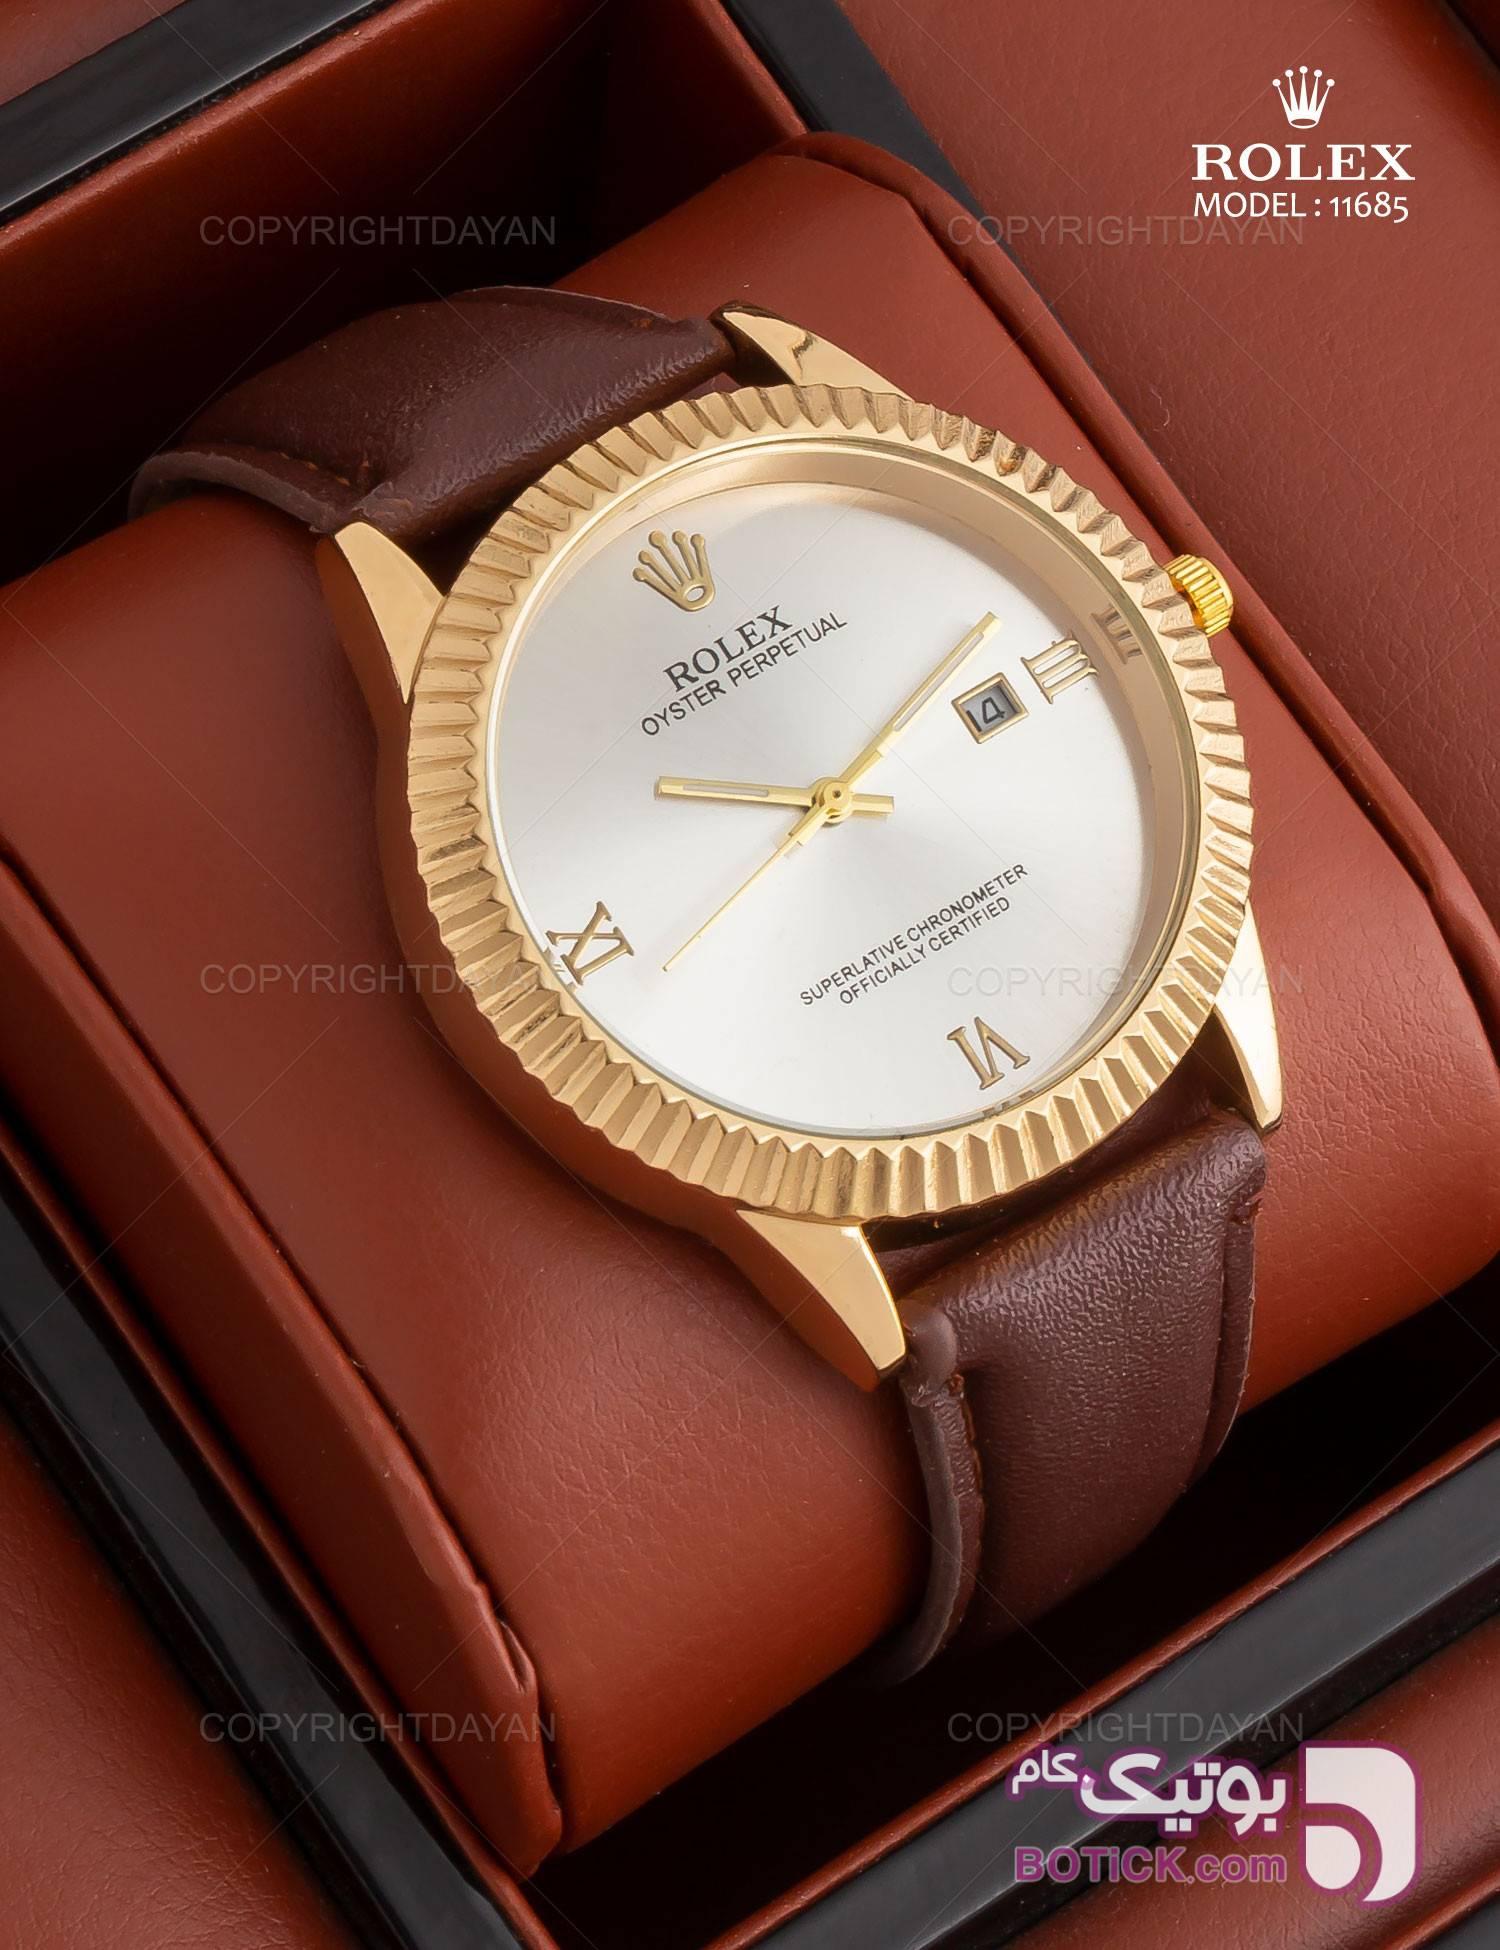 ساعت مچی Rolex مدل 11685 قهوه ای ساعت